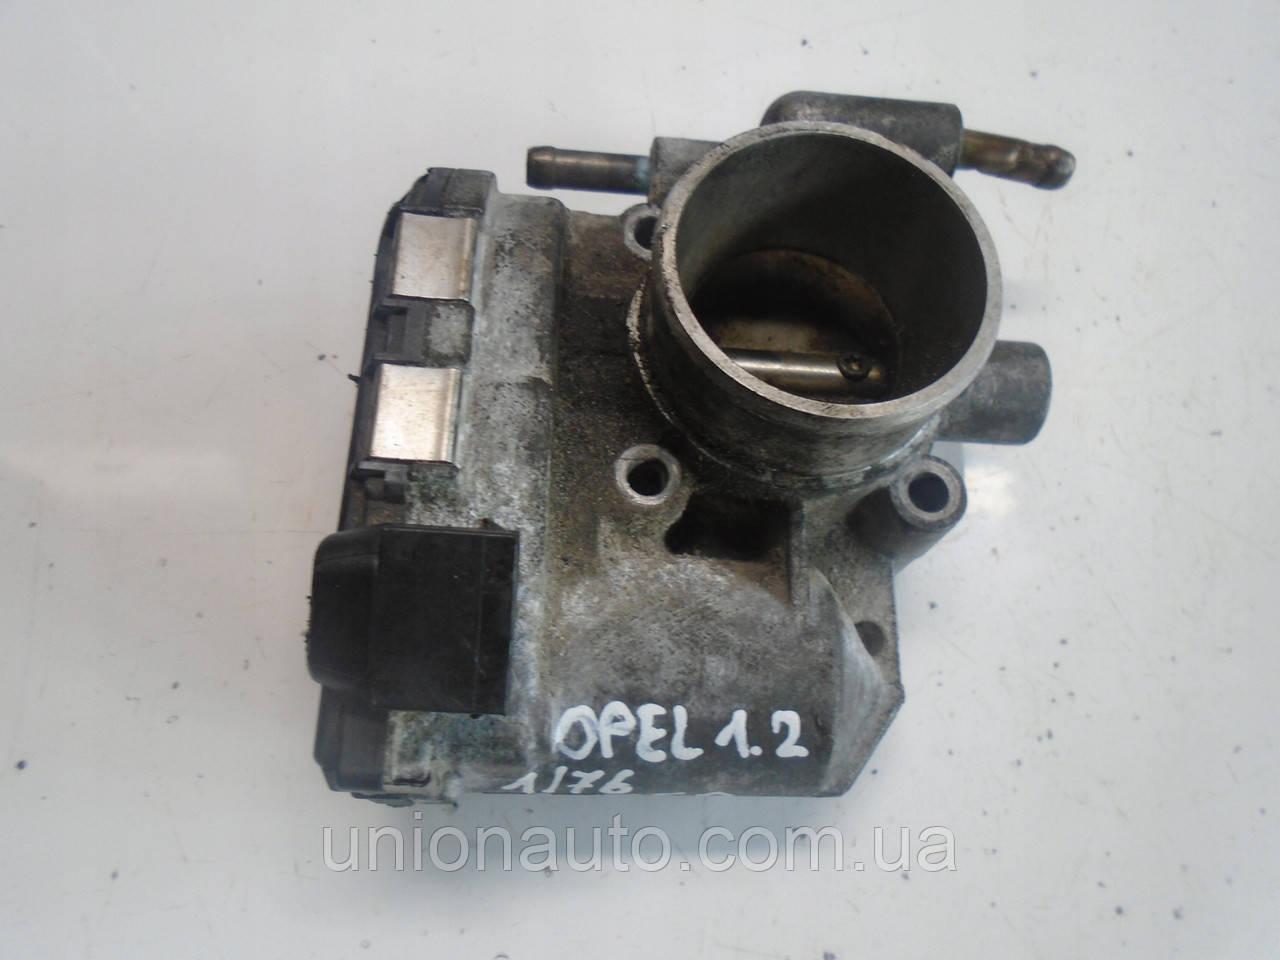 OPEL CORSA D 1.2 Z12XEP Дроссельная заслонка 0280750133